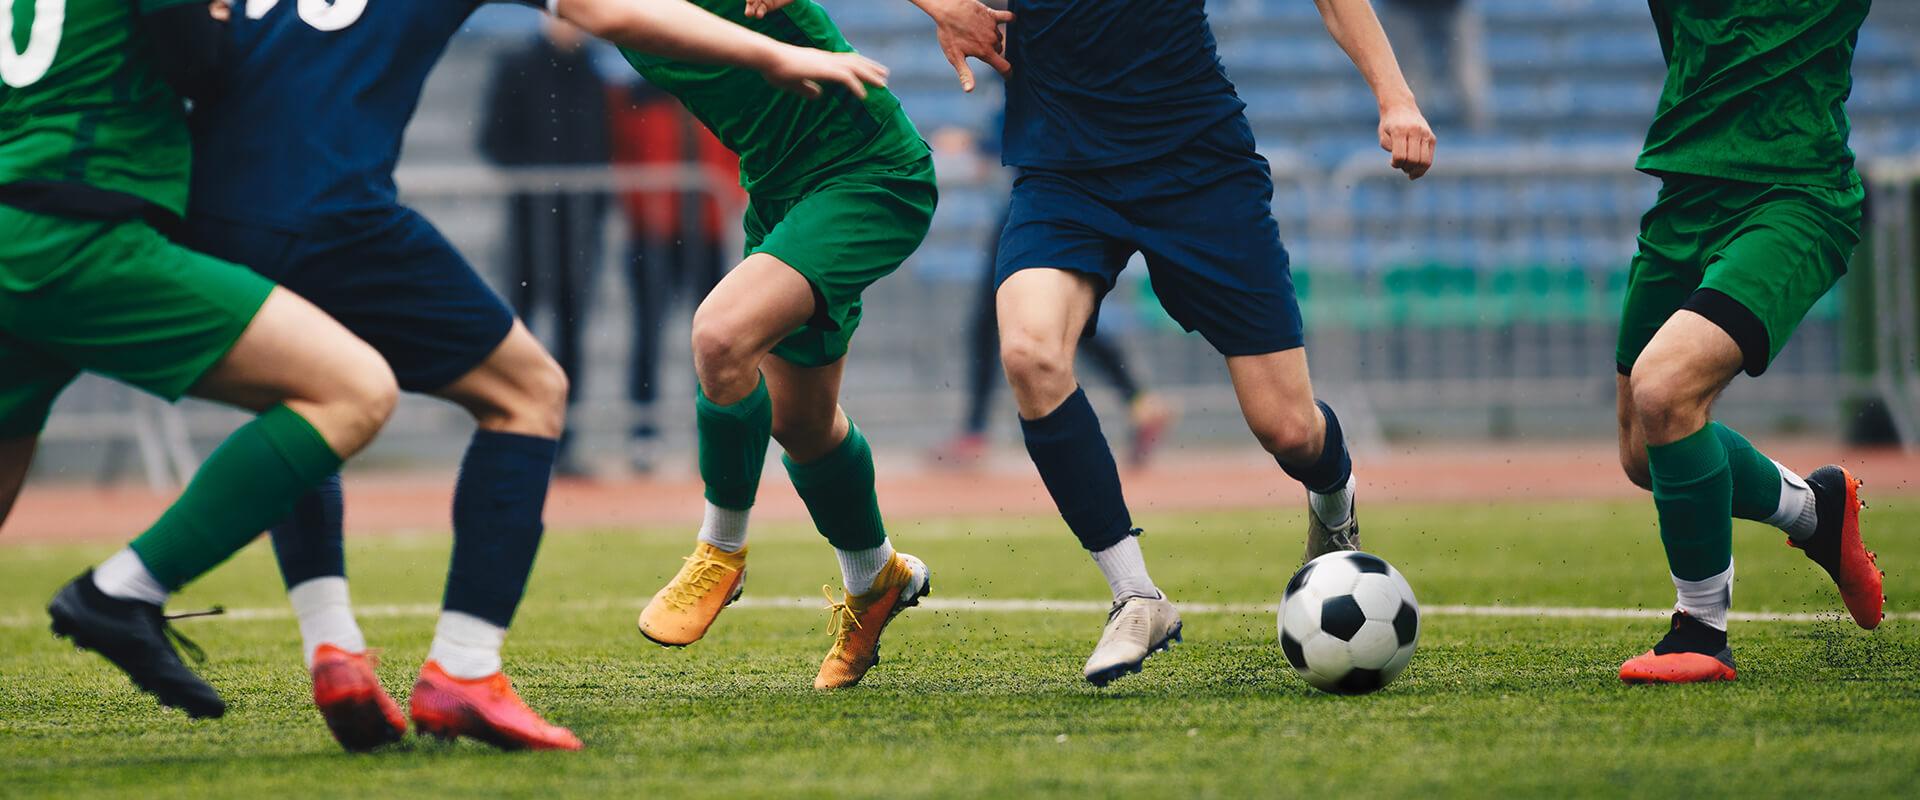 Soccer_Header